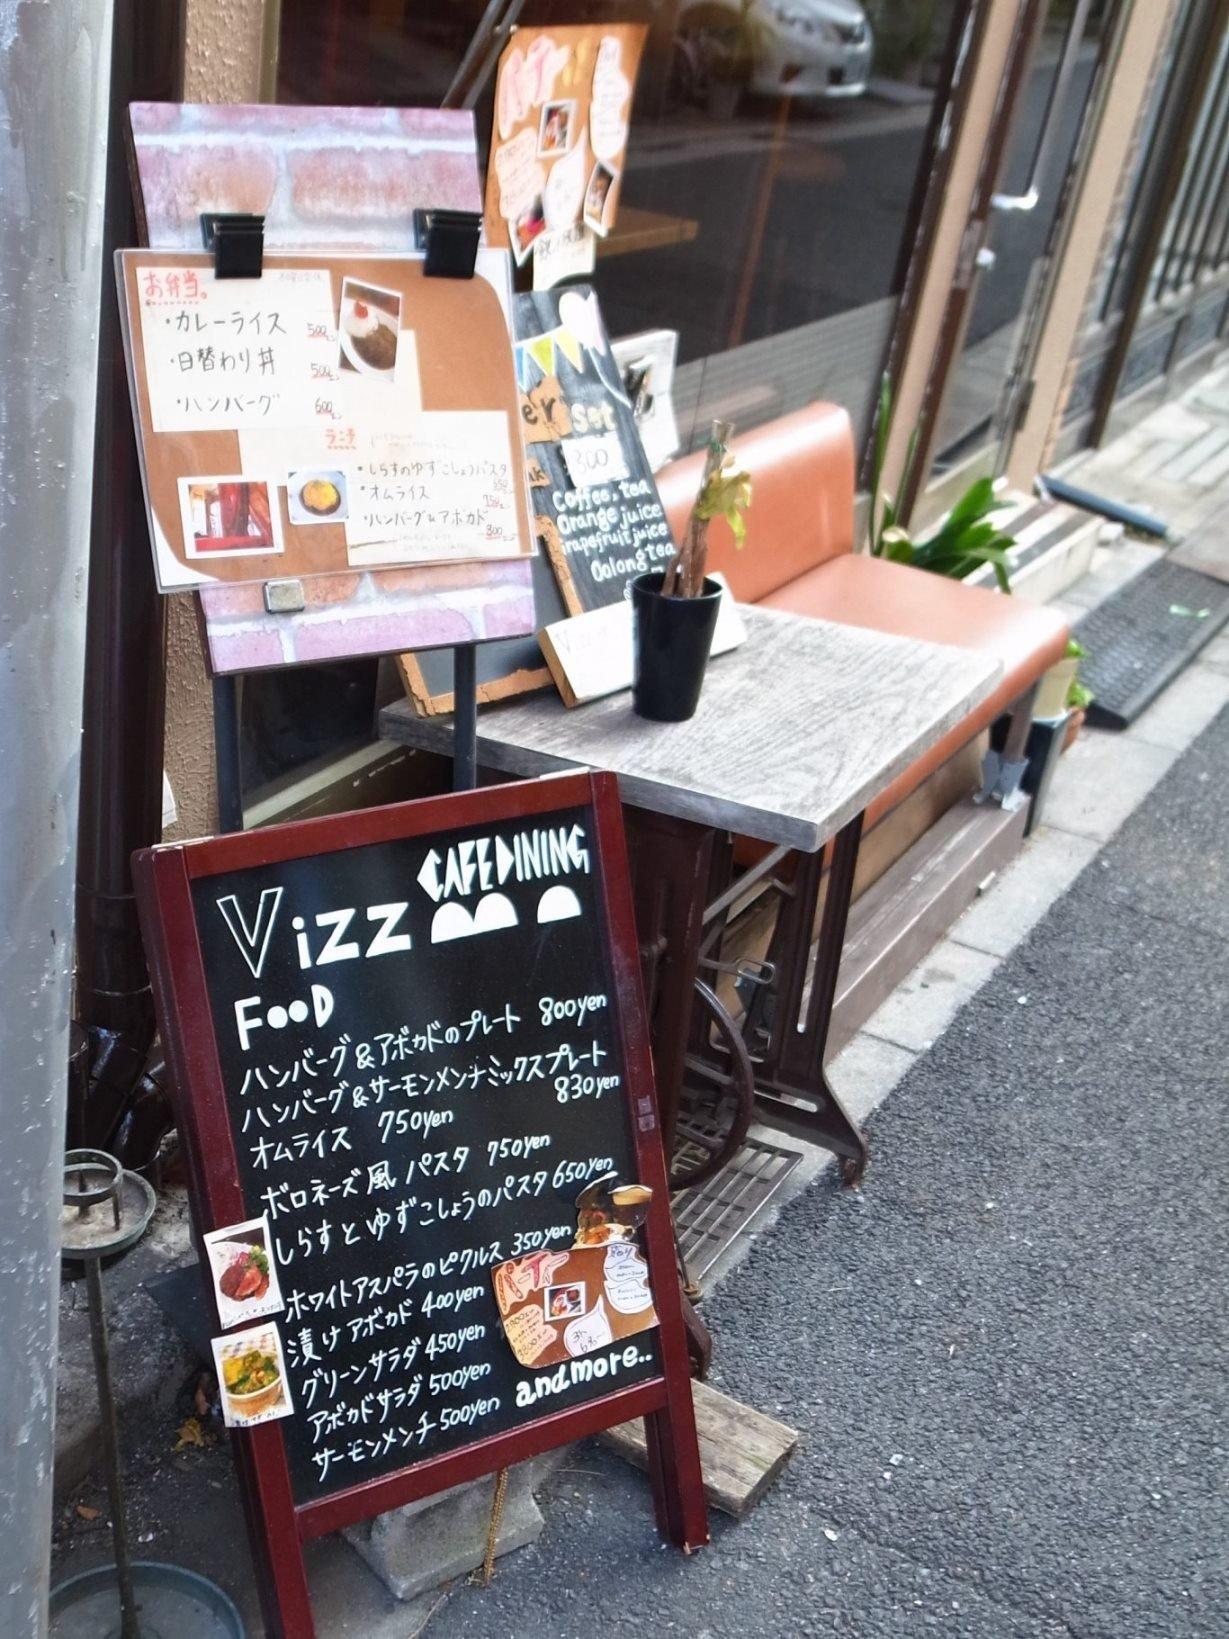 【閉店】あぁ、残念 世田谷代田のカフェ 「ヴィズモ(VIZZ mo)」